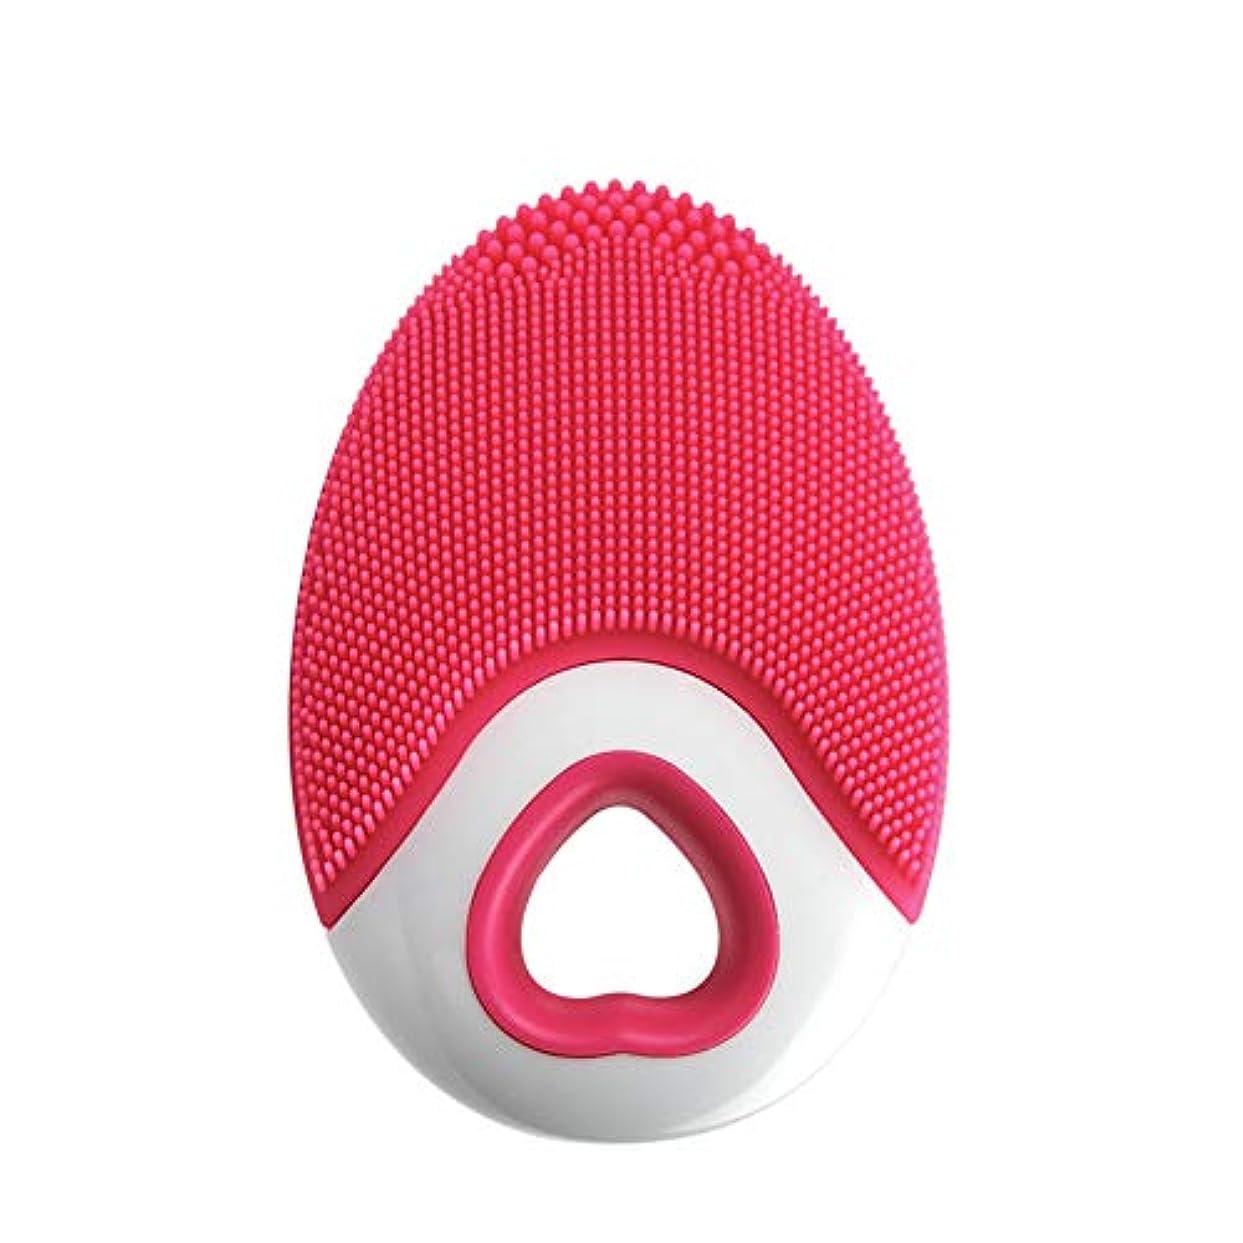 招待地殻余裕があるFuntoget   1ピースシリコンフェイスクレンザーブラシ超音波ディープクリーニング防水ワイヤレス充電